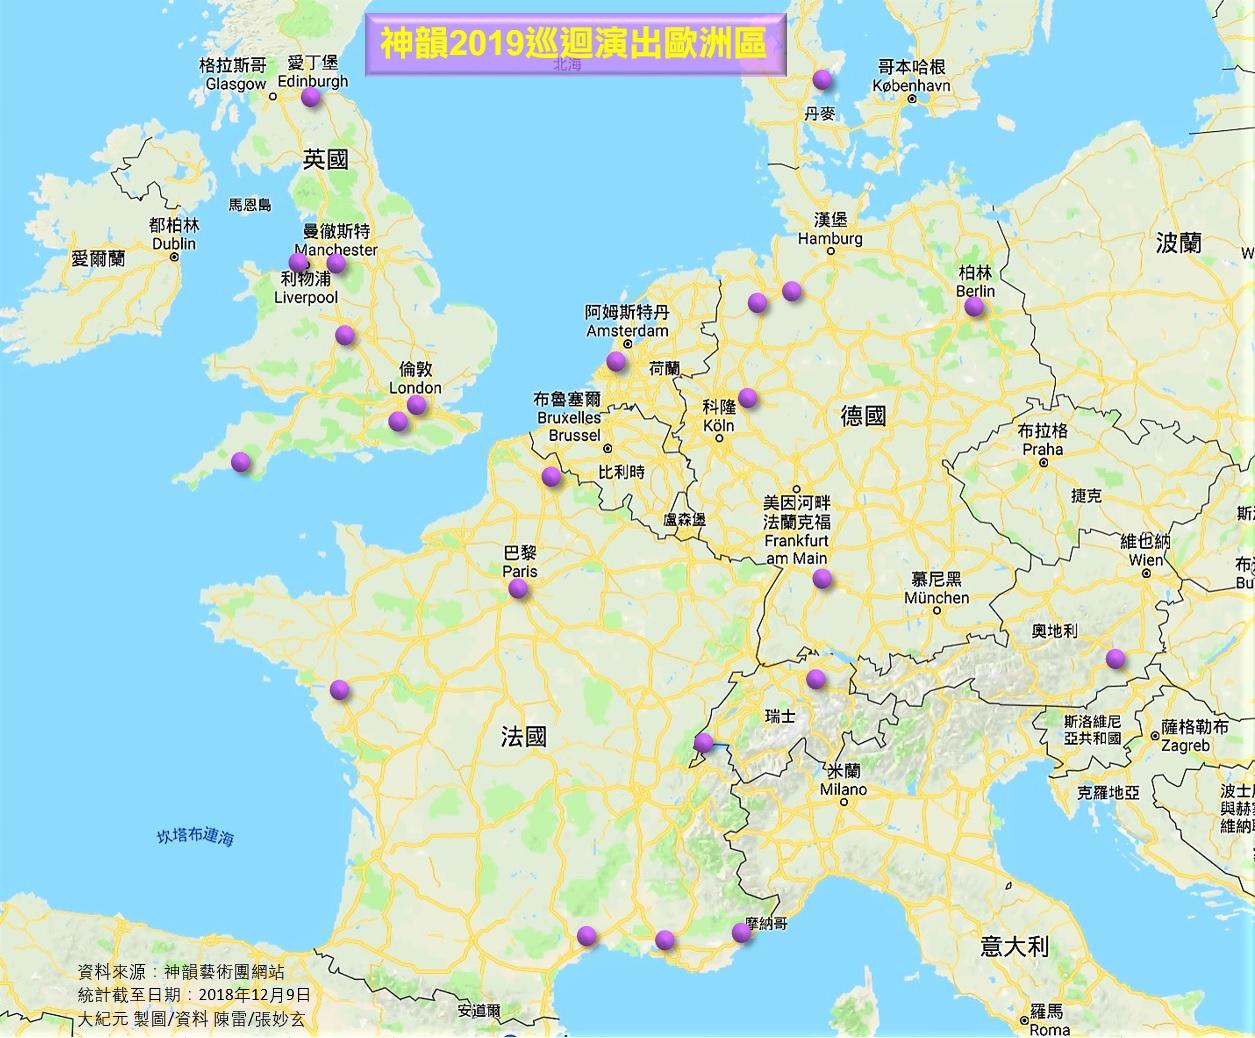 今年,神韻將覆蓋至少歐洲7國23個城市,其中包括英國7座城市,法國6座城市,德國5座城市。(大紀元製圖)